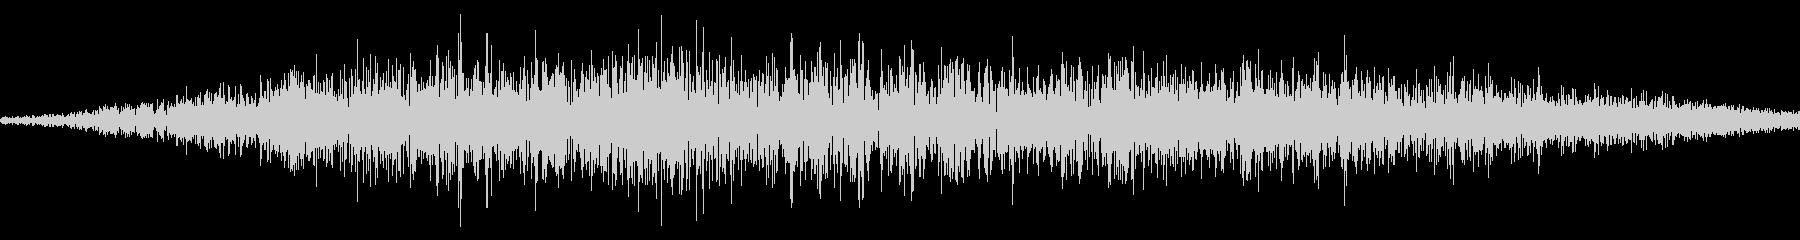 スワイプ音/風切り音/キャンセル音 10の未再生の波形